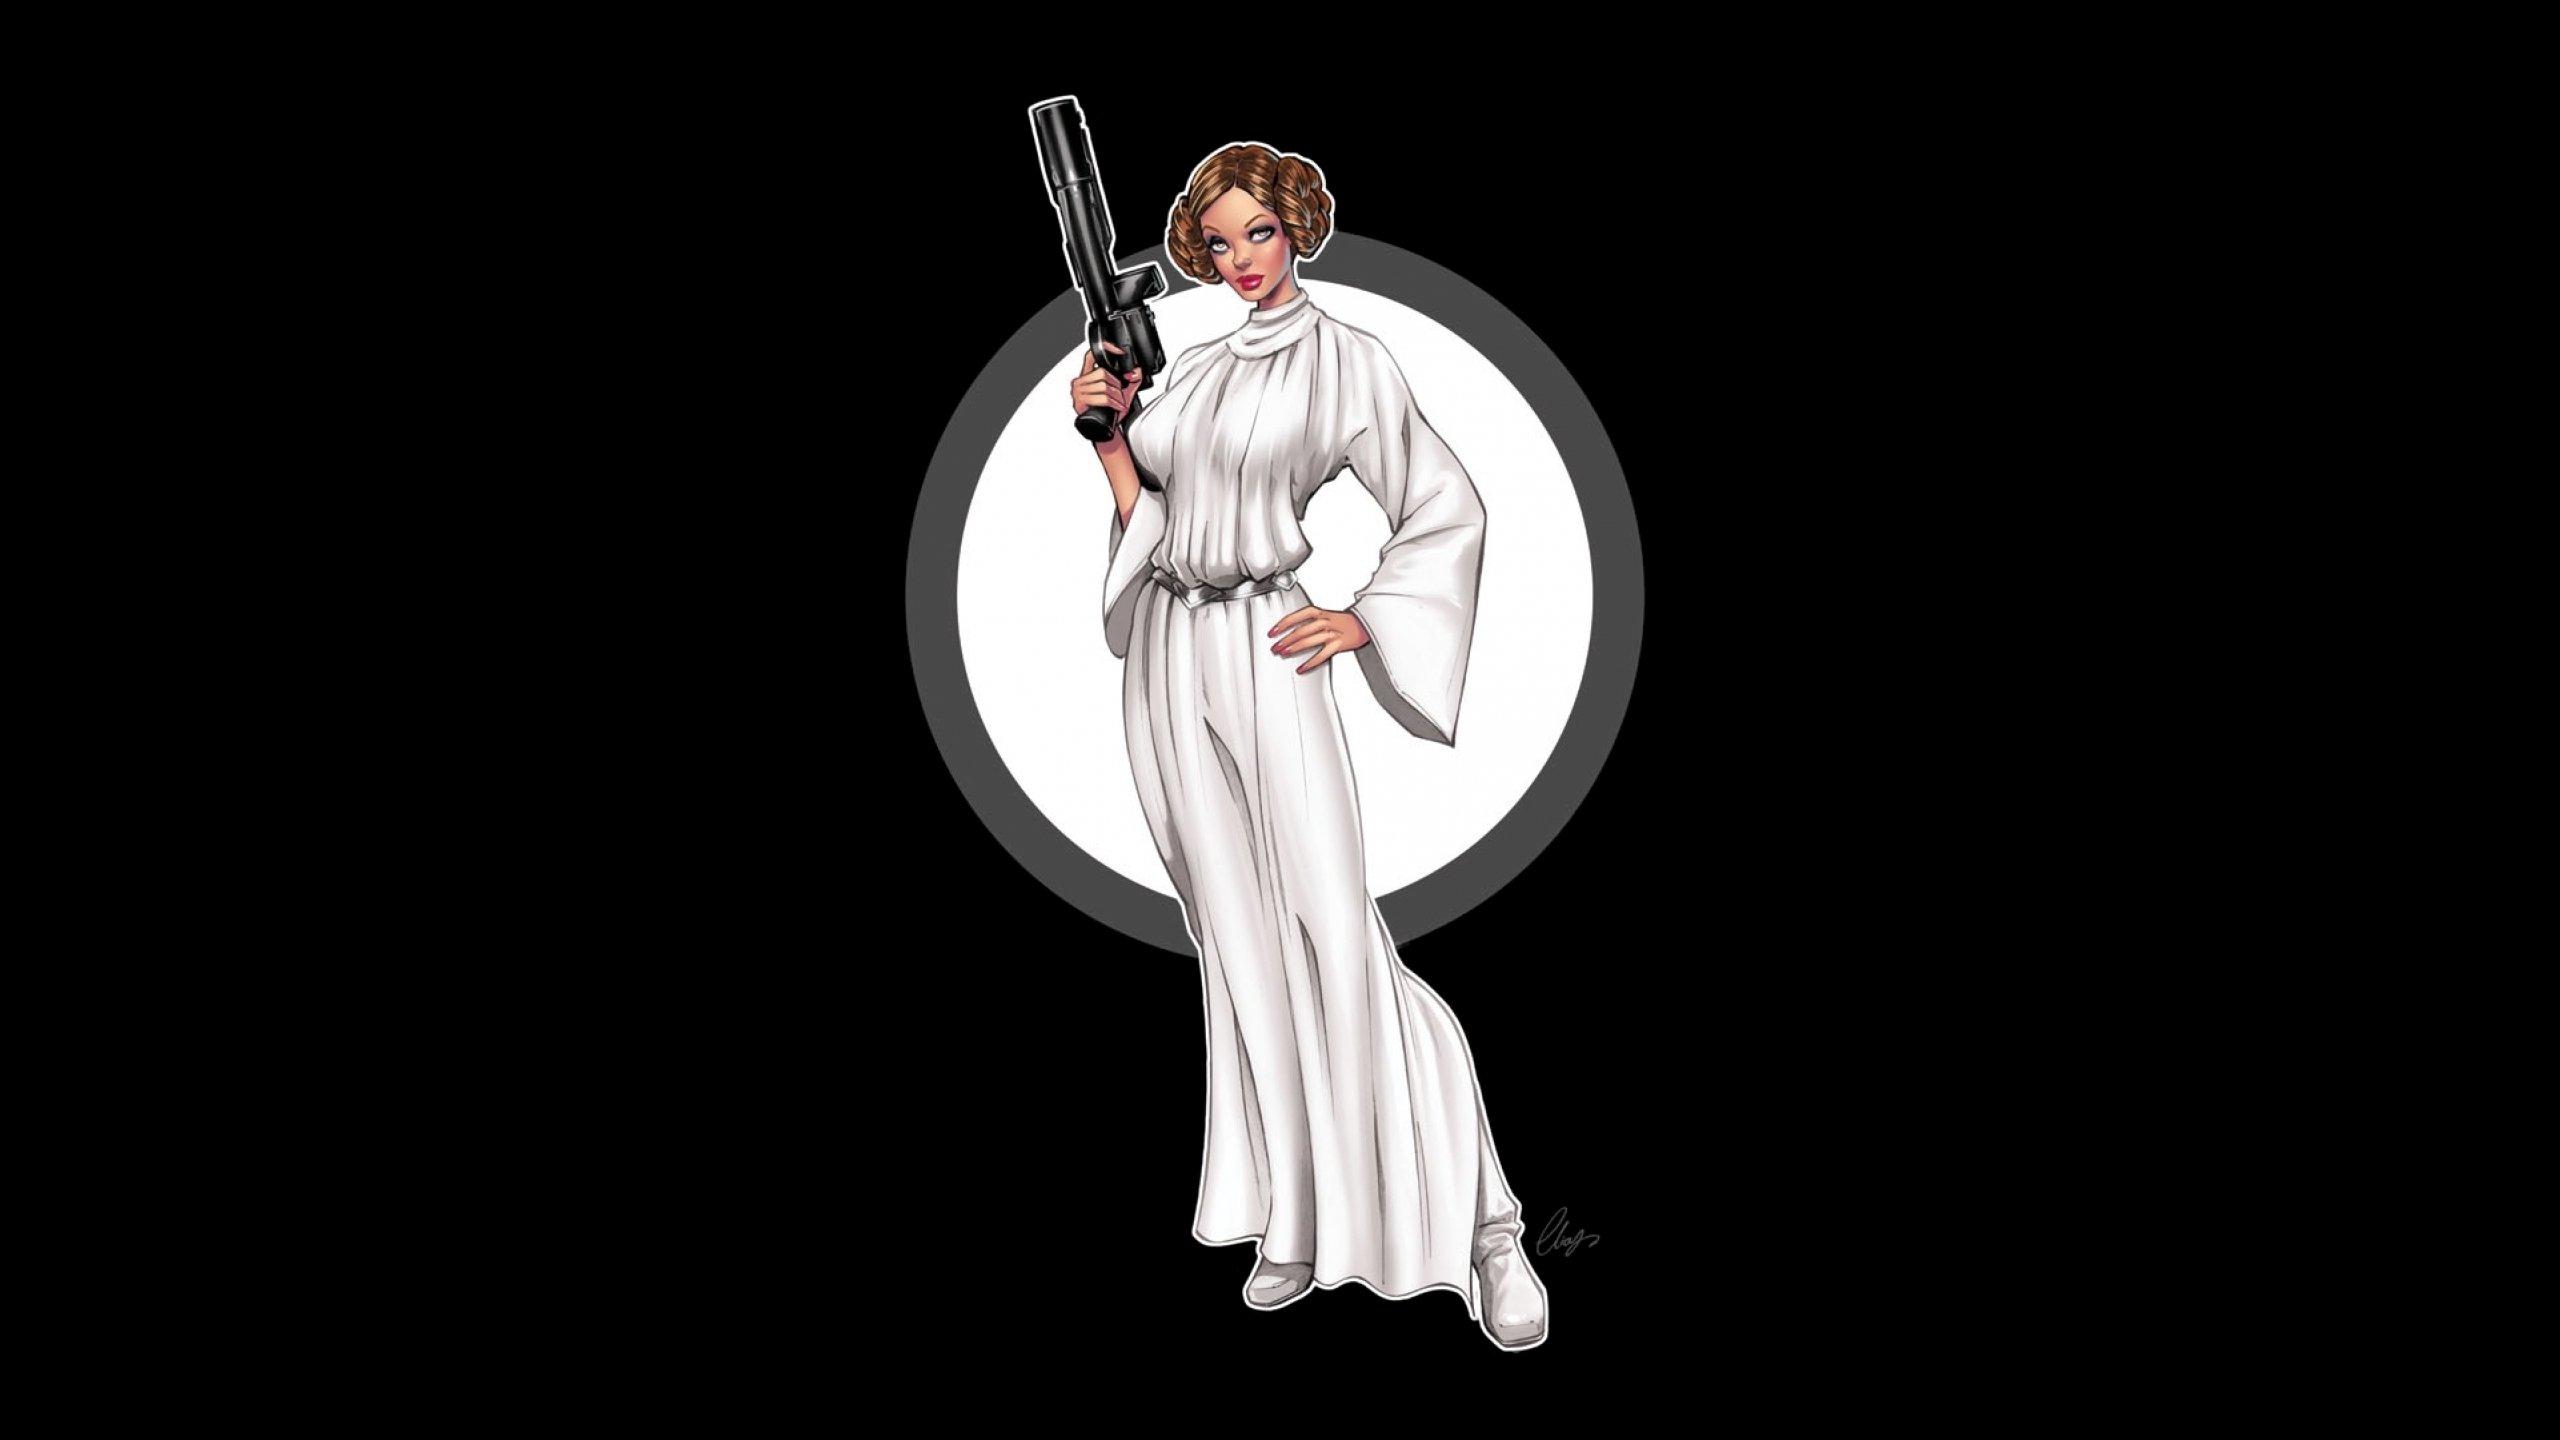 Star Wars Sci Fi Futuristic Artwork Disney D Wallpaper 2560x1440 703473 Wallpaperup